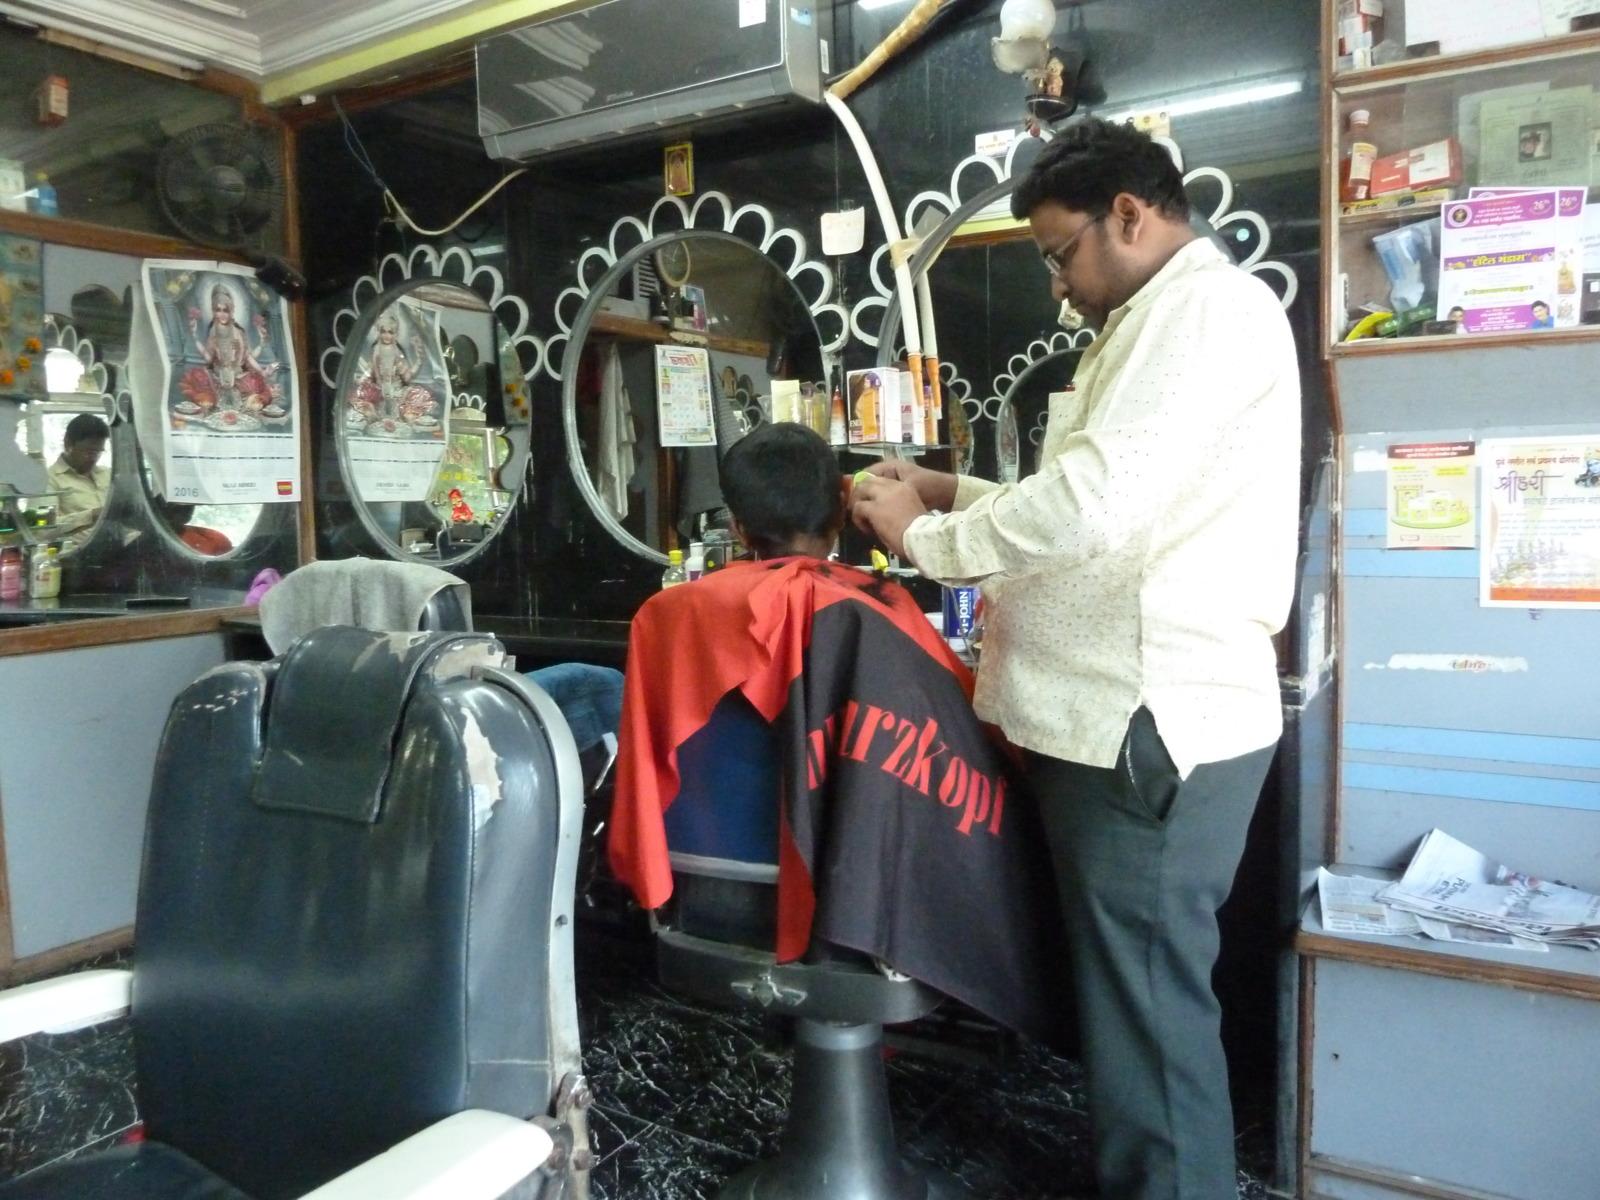 Indian barber